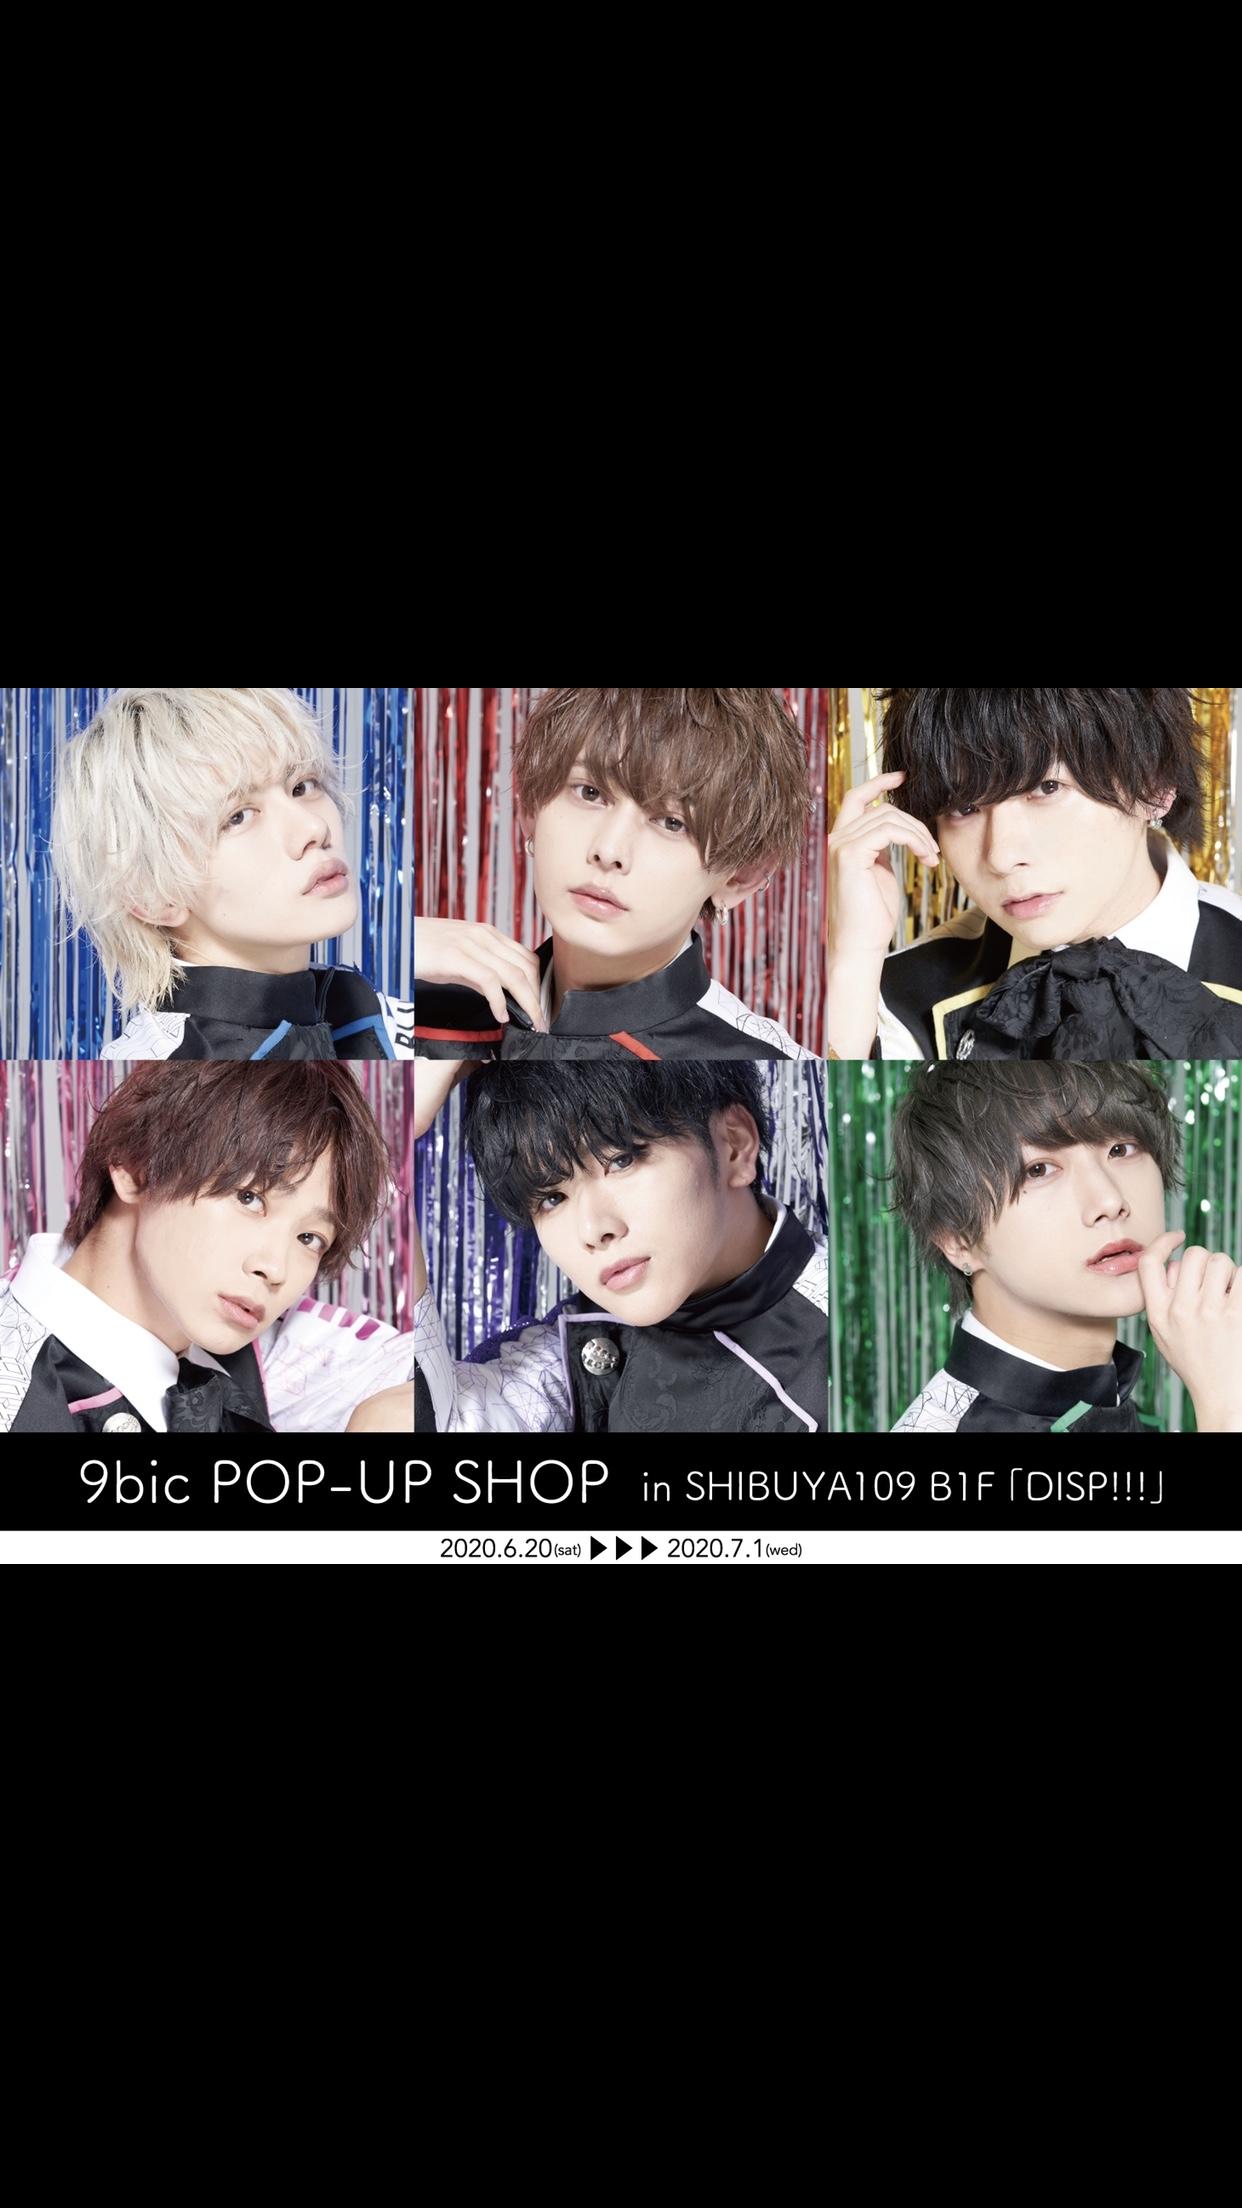 追加先着受付『6/21』 9bic POP-UP SHOP in SHIBUYA109渋谷 B1F 「DISP!!!」